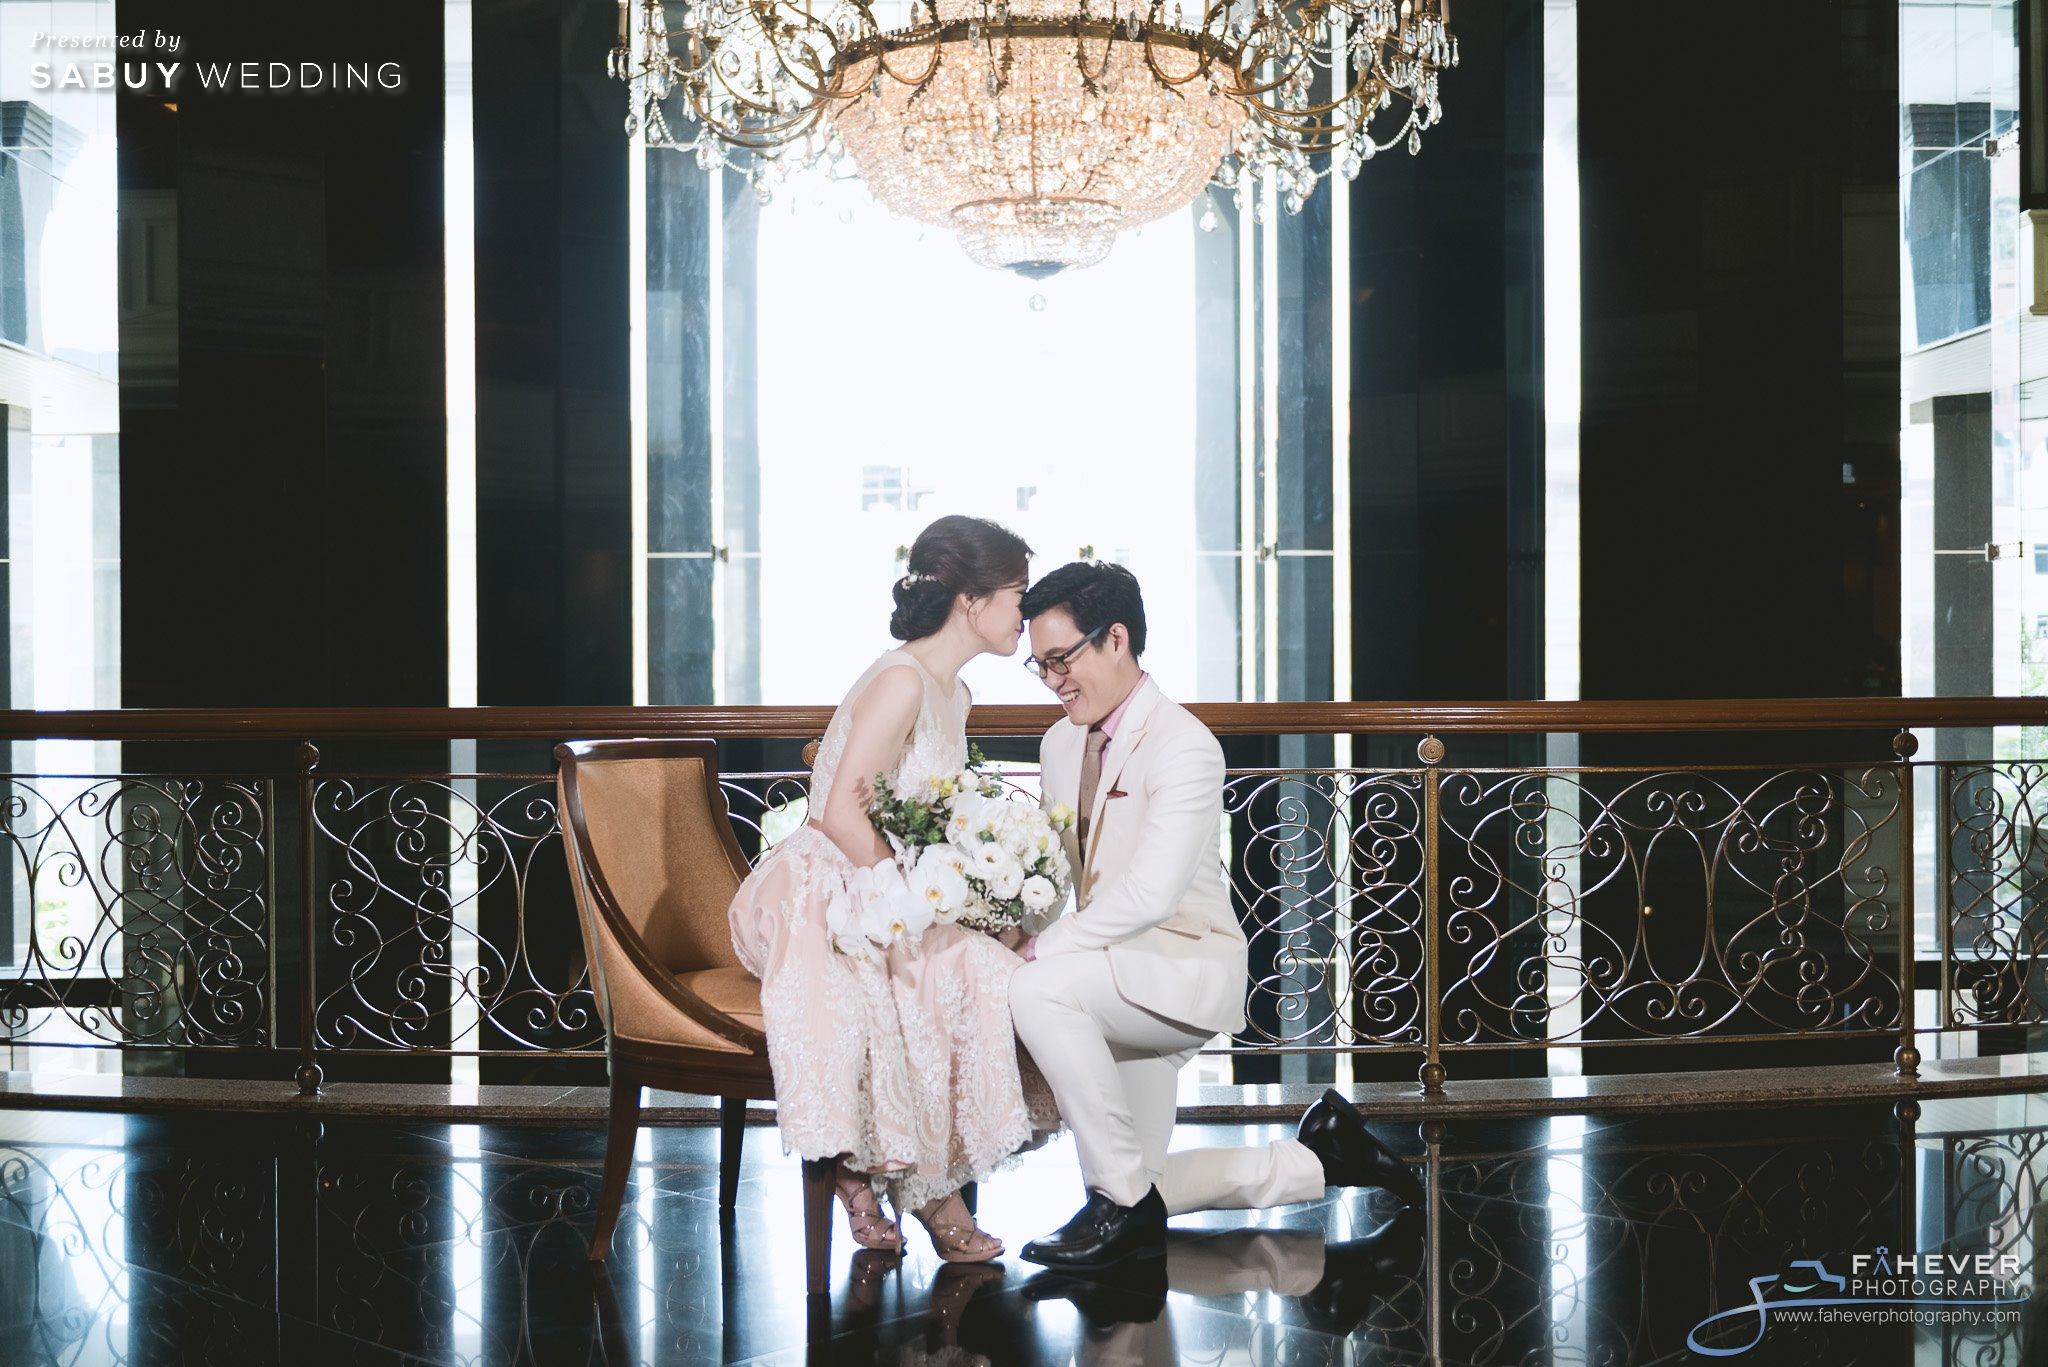 Swissotel Bangkok Ratchada,Fahever Photography,สถานที่แต่งงาน,สถานที่จัดงานแต่งงาน,โรงแรม,งานแต่งงาน,บ่าวสาว,ถ่ายรูปแต่งงาน,รูปงานแต่ง,พิธีแต่งงาน,งานหมั้น,พิธีหมั้น Swissotel Bangkok Ratchada โรงแรมสุดหรูย่านห้วยขวาง ราคาย่อมเยา